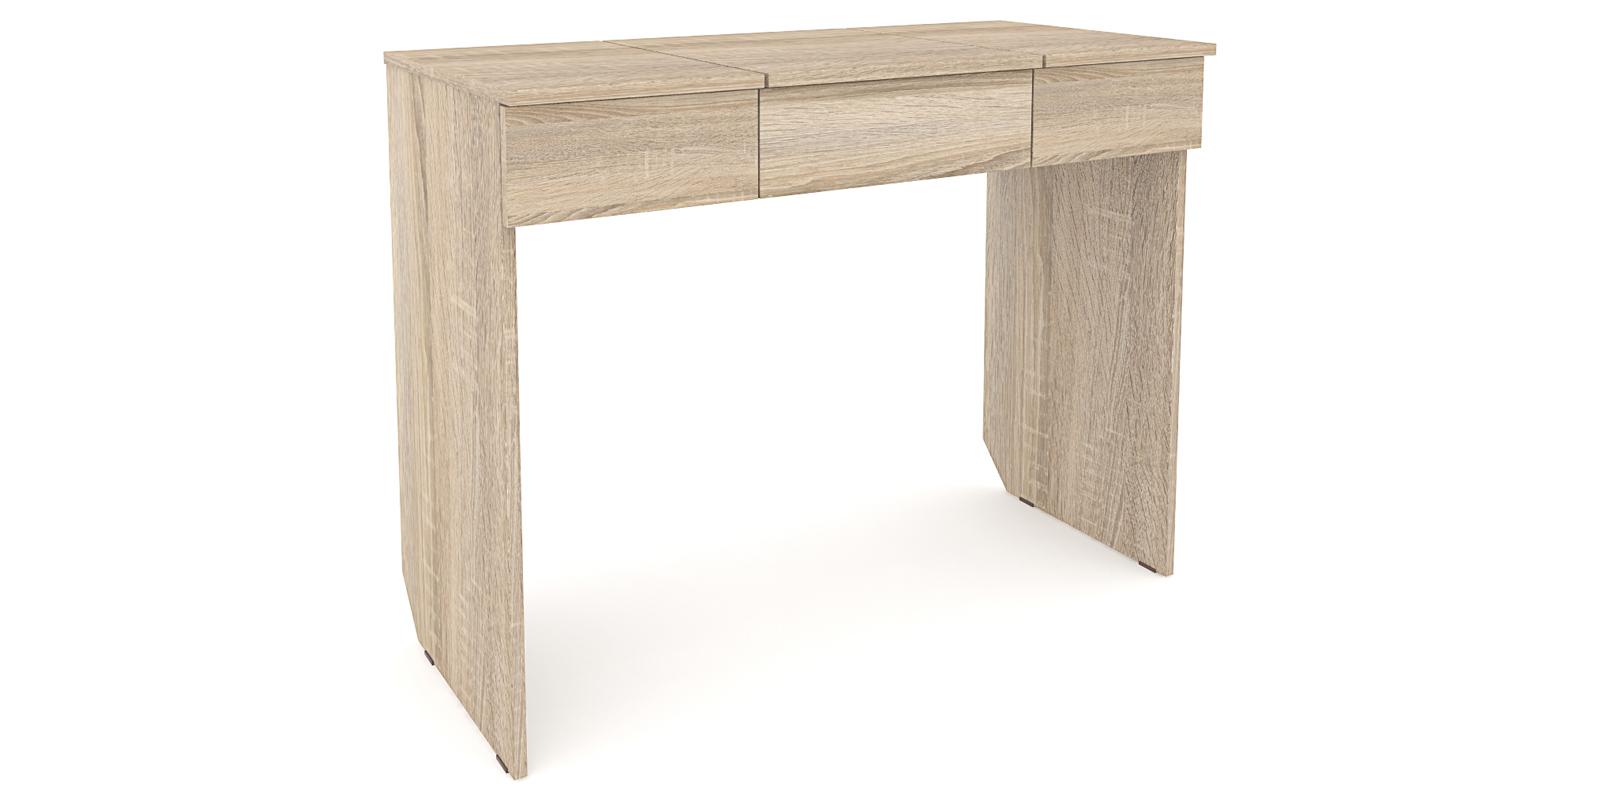 Столик туалетный Портофино вариант №2 (дуб сонома) от HomeMe.ru